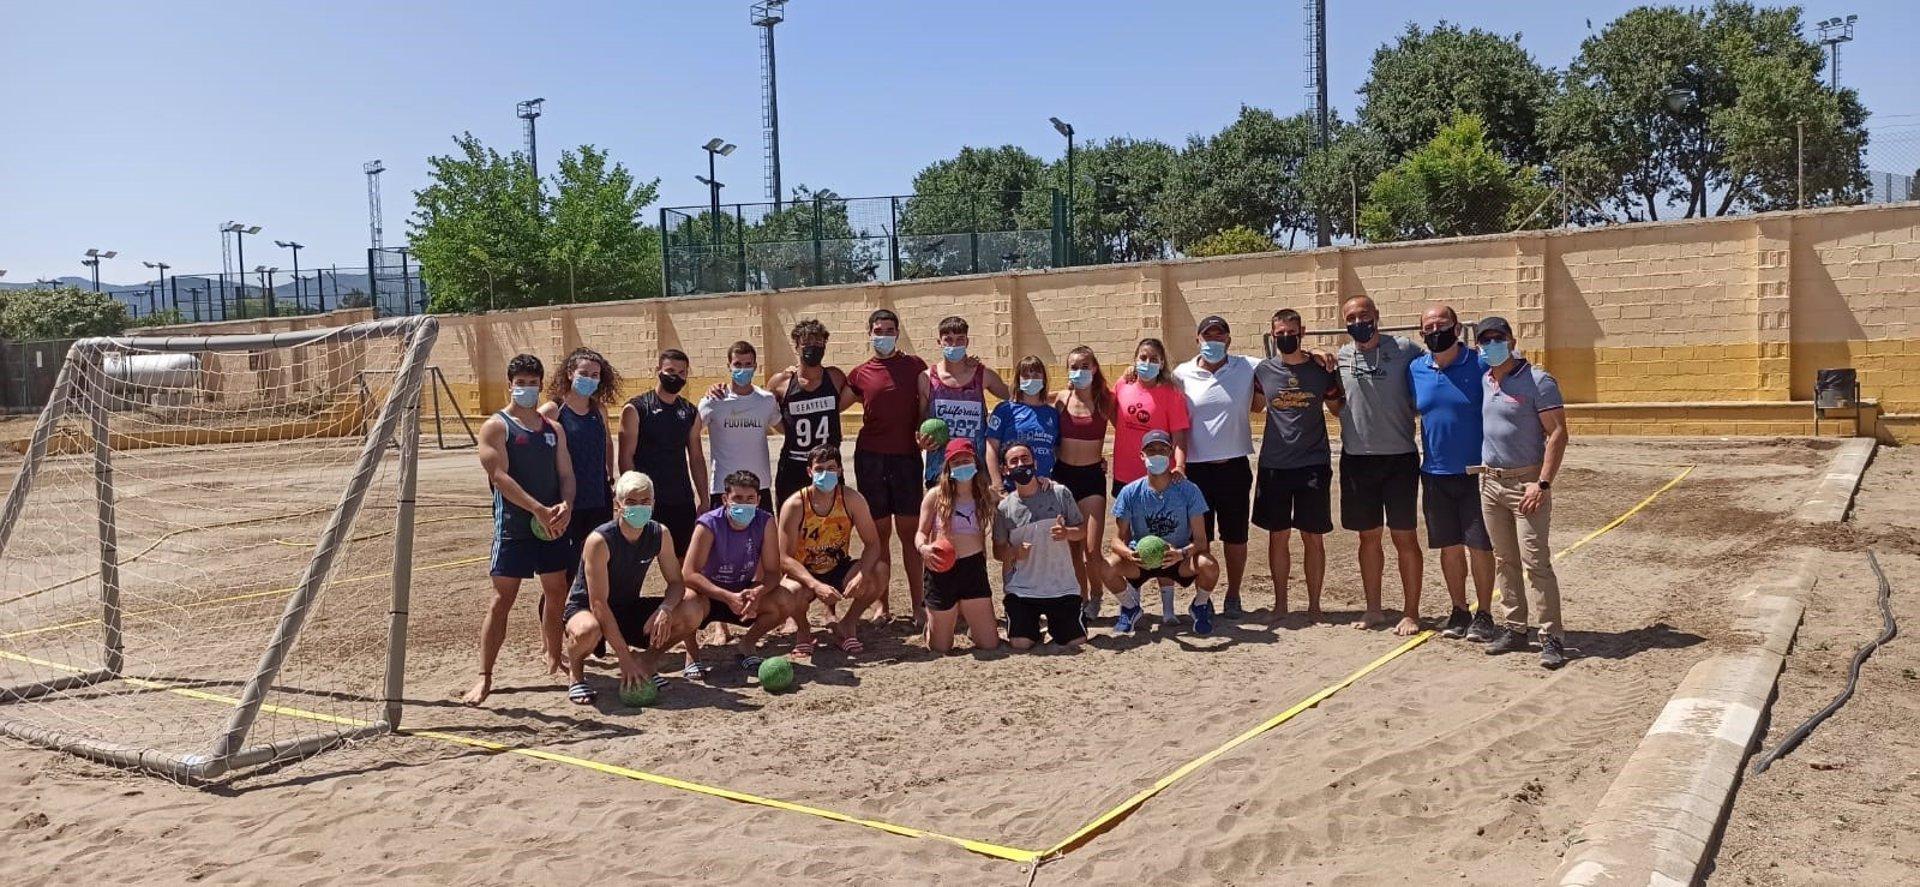 La Ciudad Deportiva de Diputación acoge la primera jornada de iniciación al balonmano playa